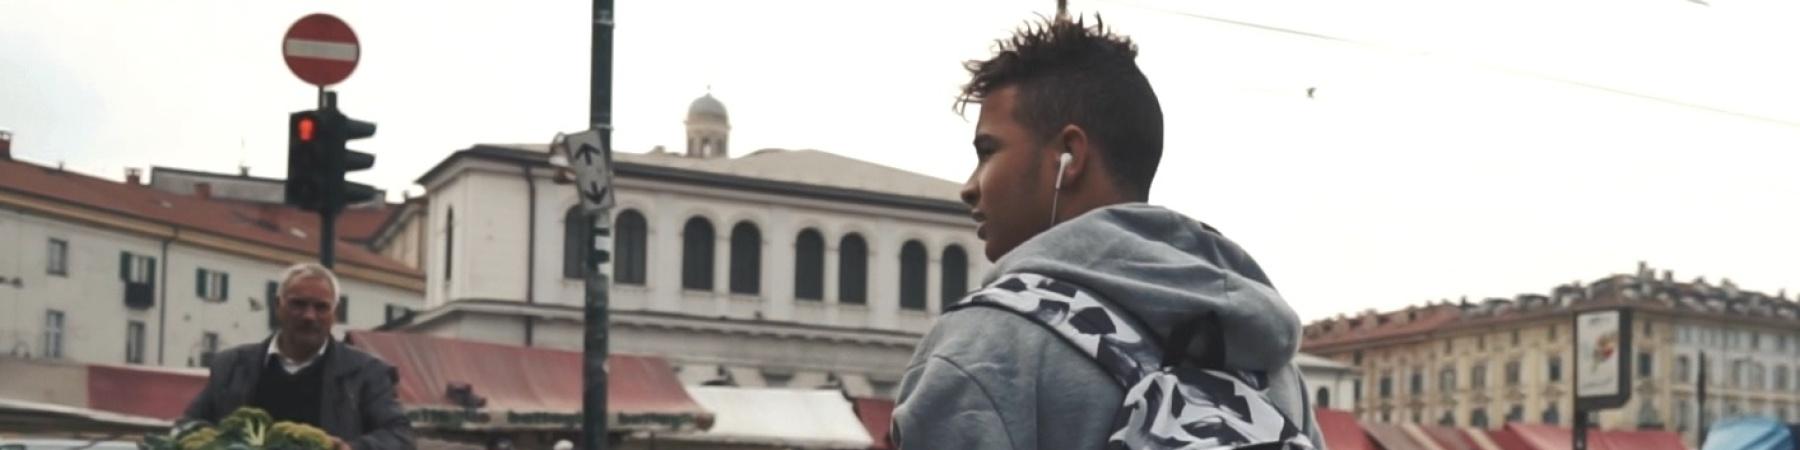 Ragazzo con zaino piano americano in città che passeggia